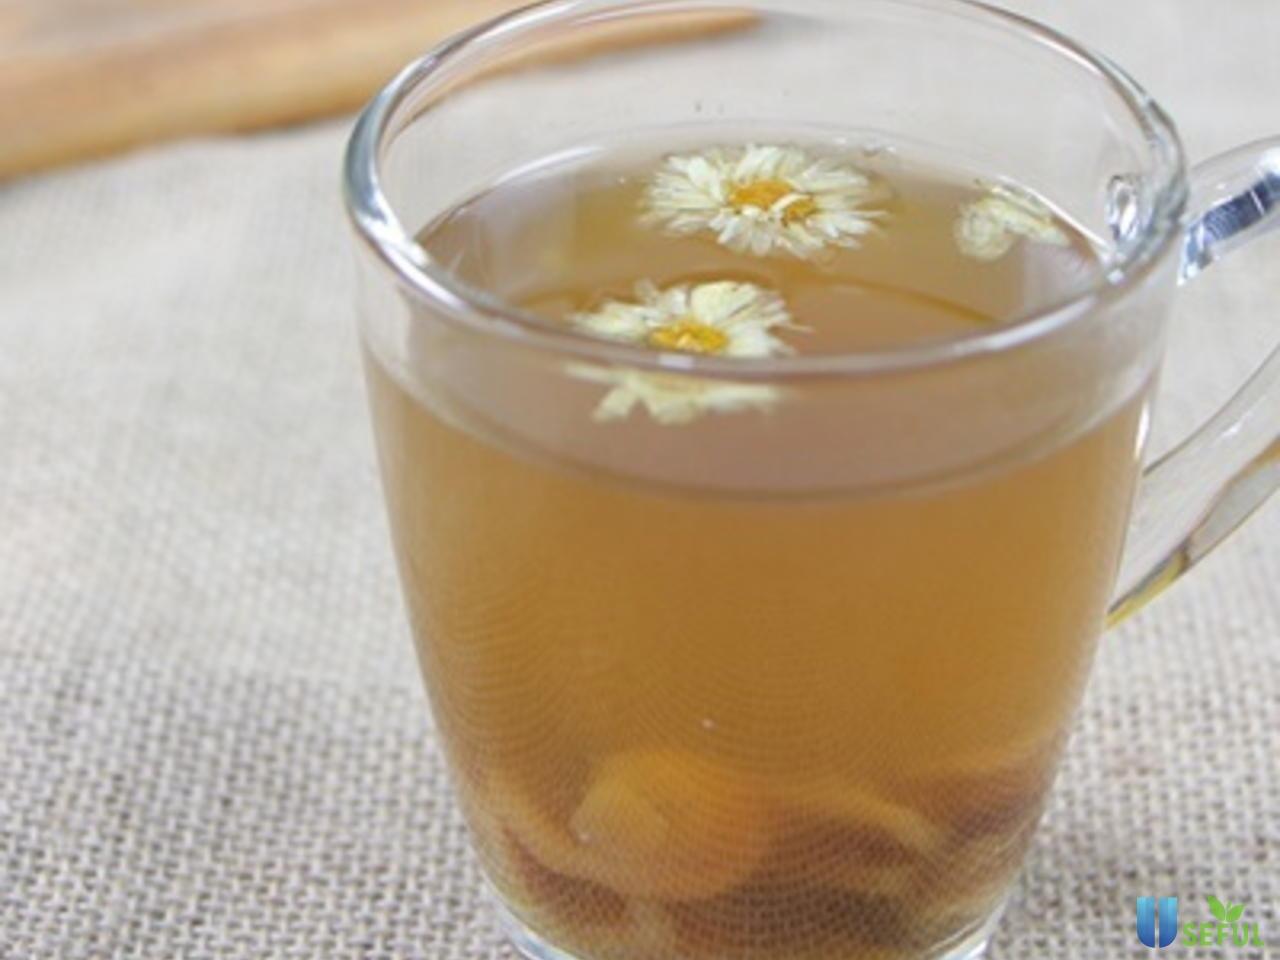 Một ly bông cúc nhãn nhục sẽ giúp bạn thoải mái hơn